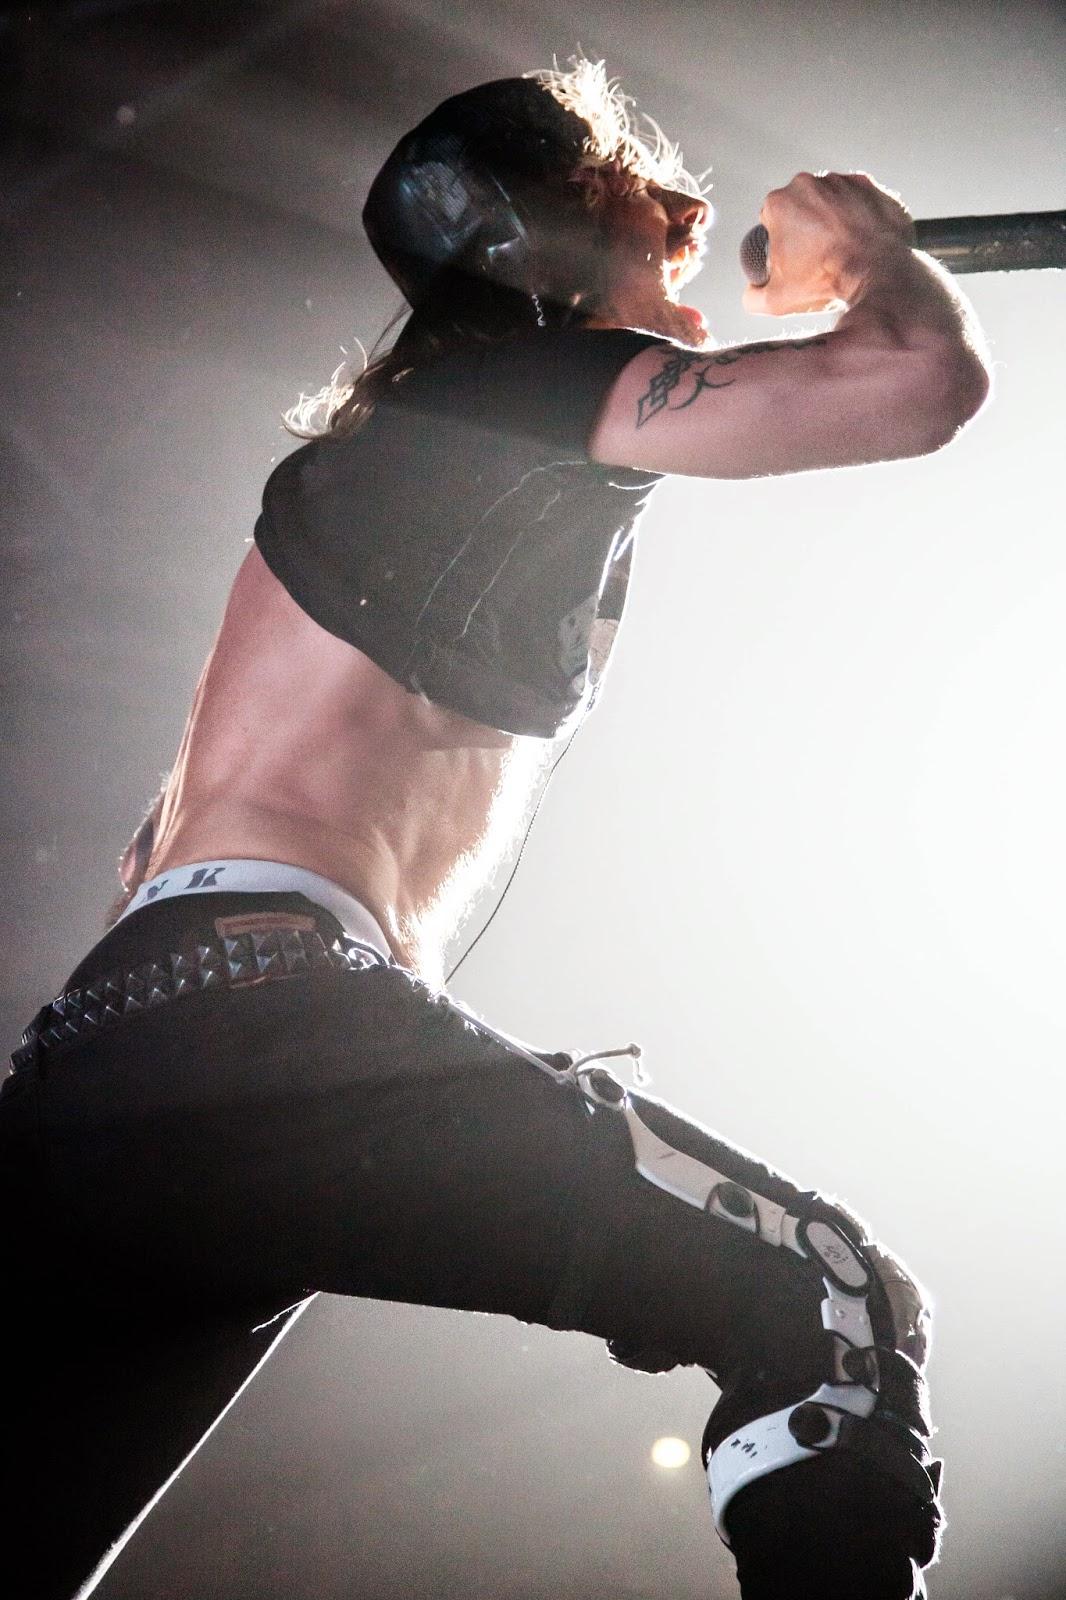 Shaka Ponk Frah Sam Let's Bang The White Pixel Ape Zénith Paris Rock 2014 Rock'n'Live Concert Live Marie Le Bannier Wanna Get Free Goz Undiz